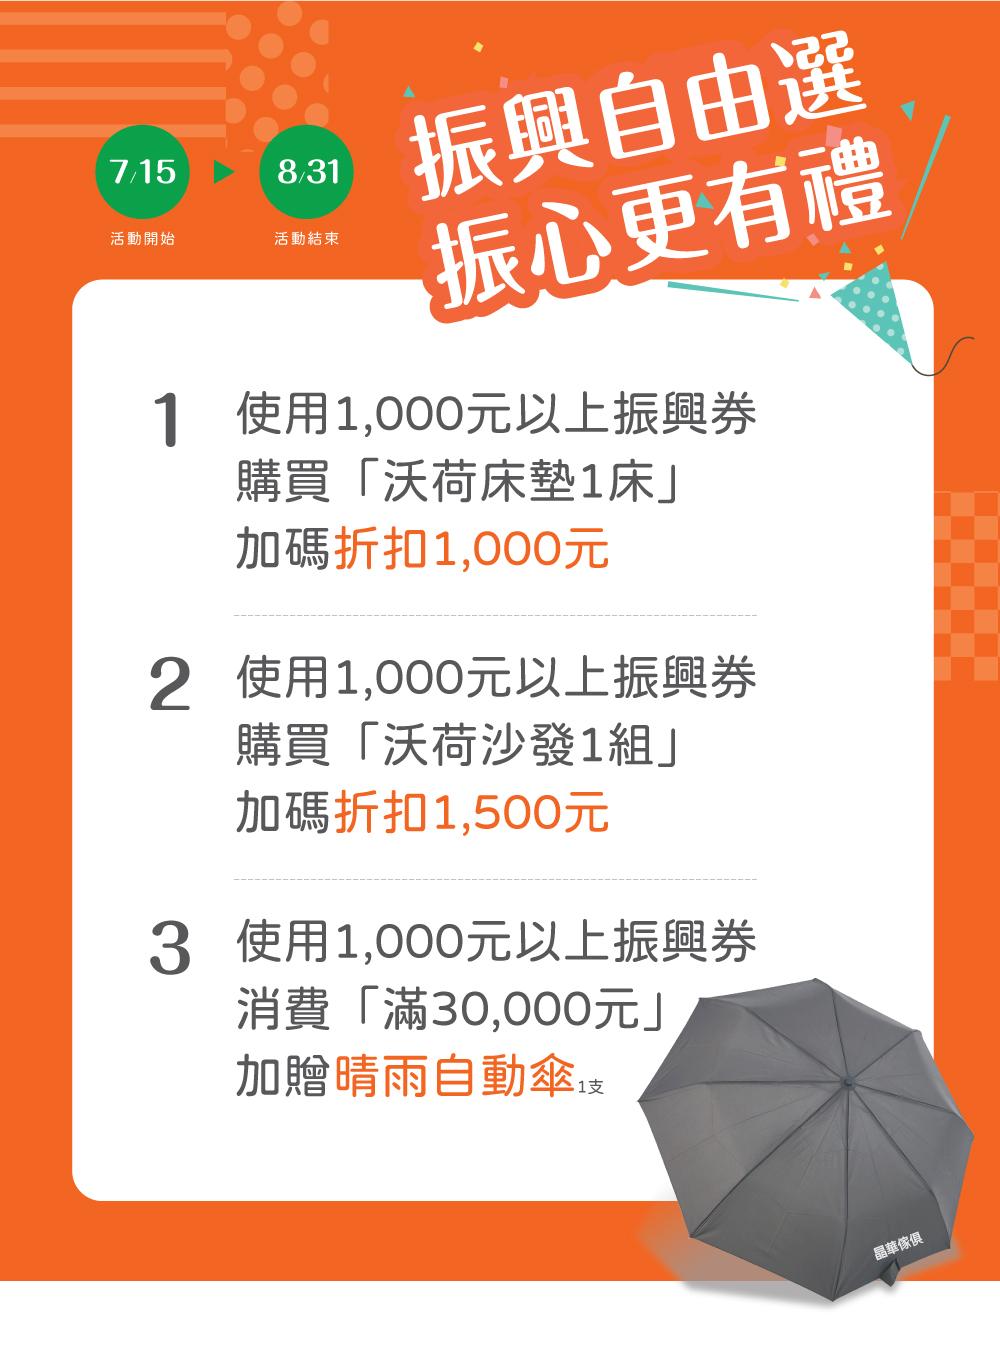 〈振興券加碼折扣〉官網活動頁圖次圖